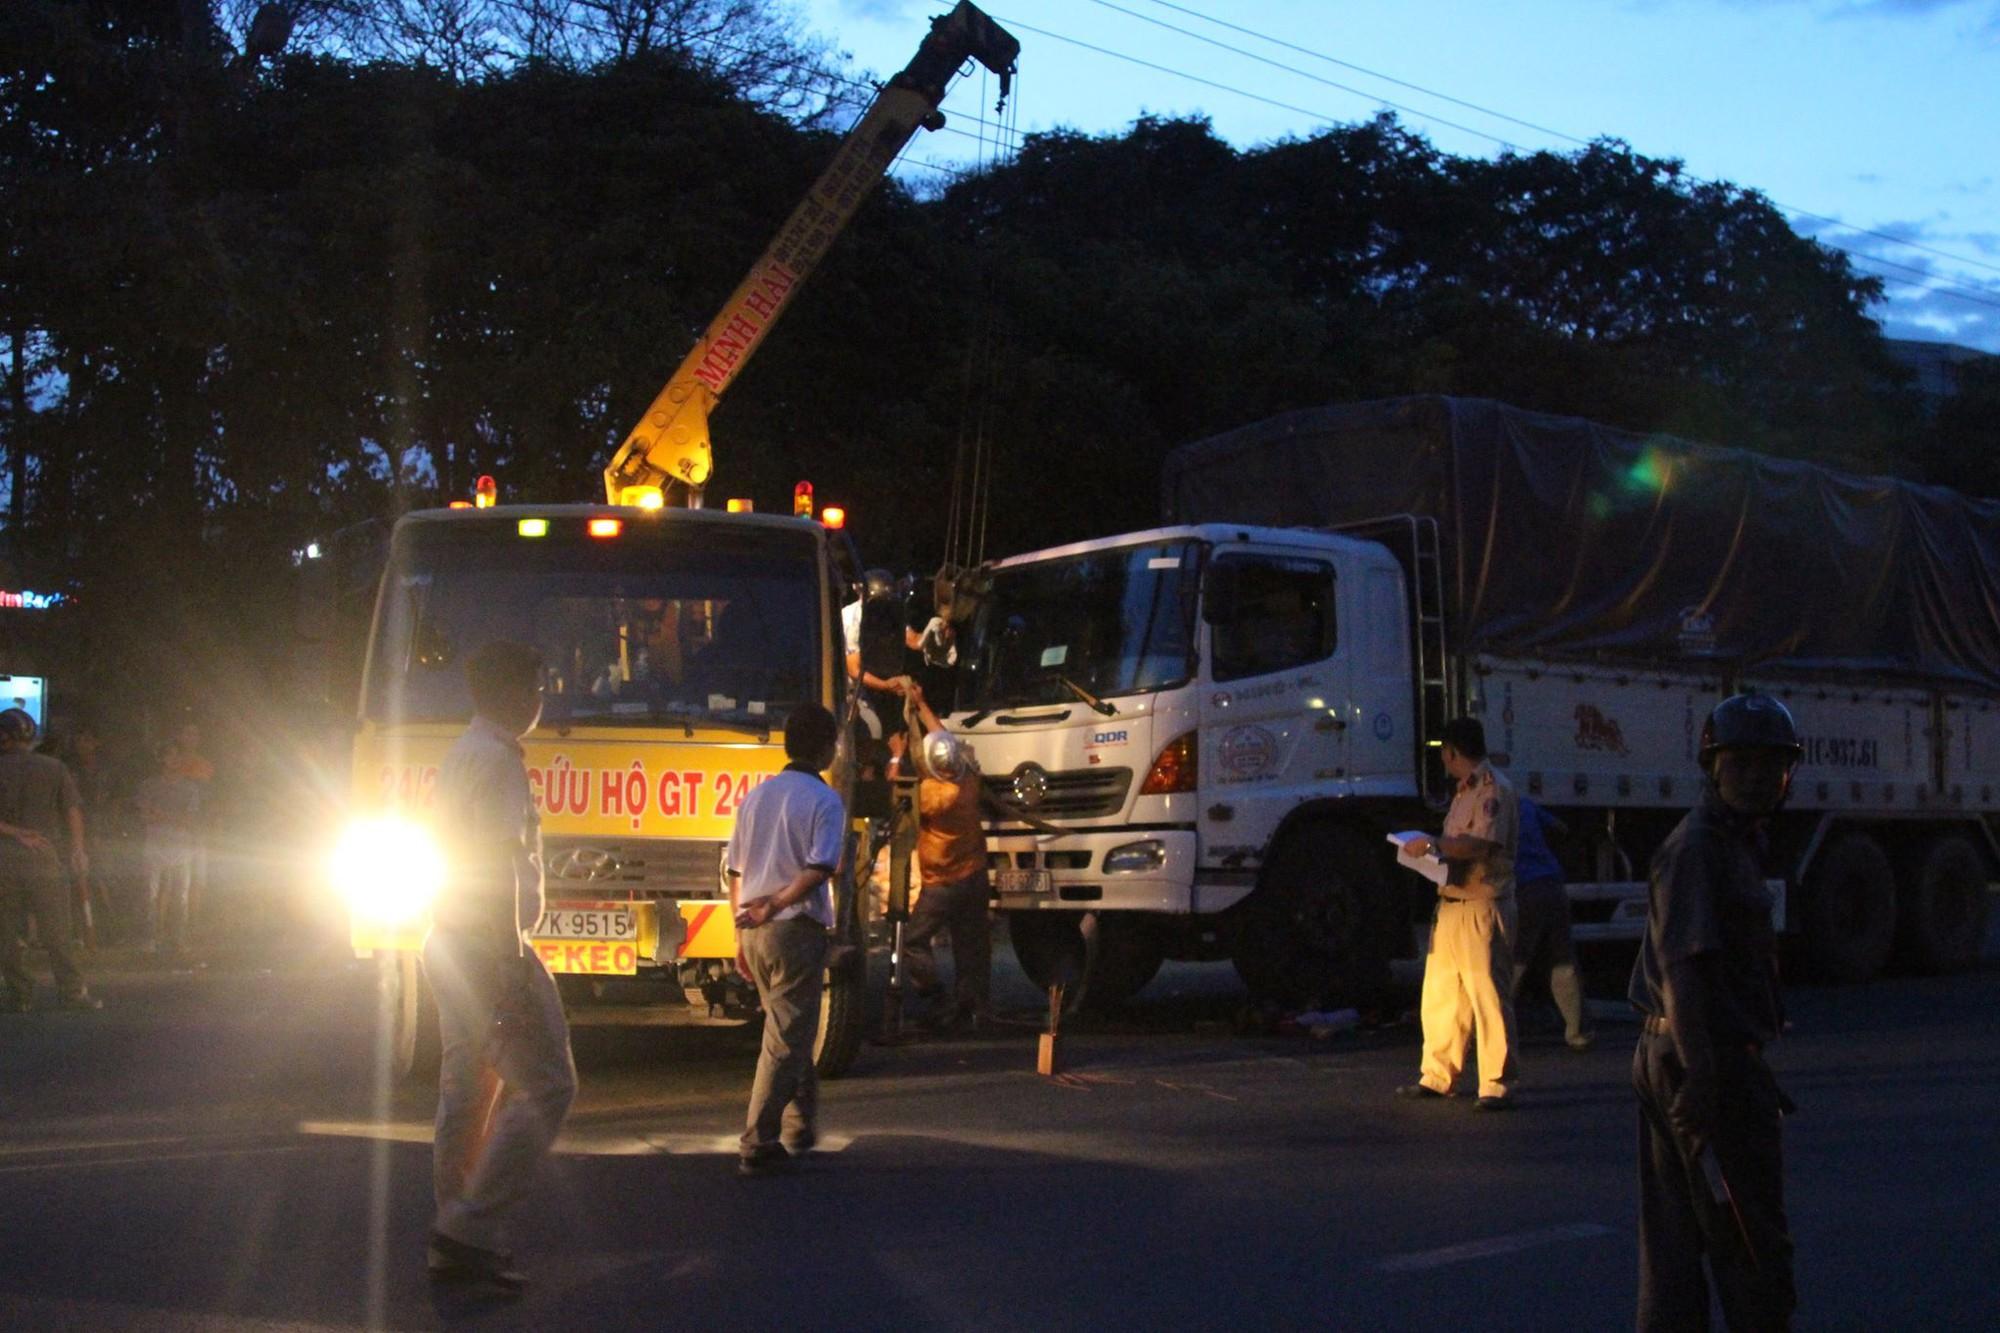 Bình Dương: Nữ công nhân bị xe tải cán tử vong thương tâm trên đường đạp xe về nhà - Ảnh 1.